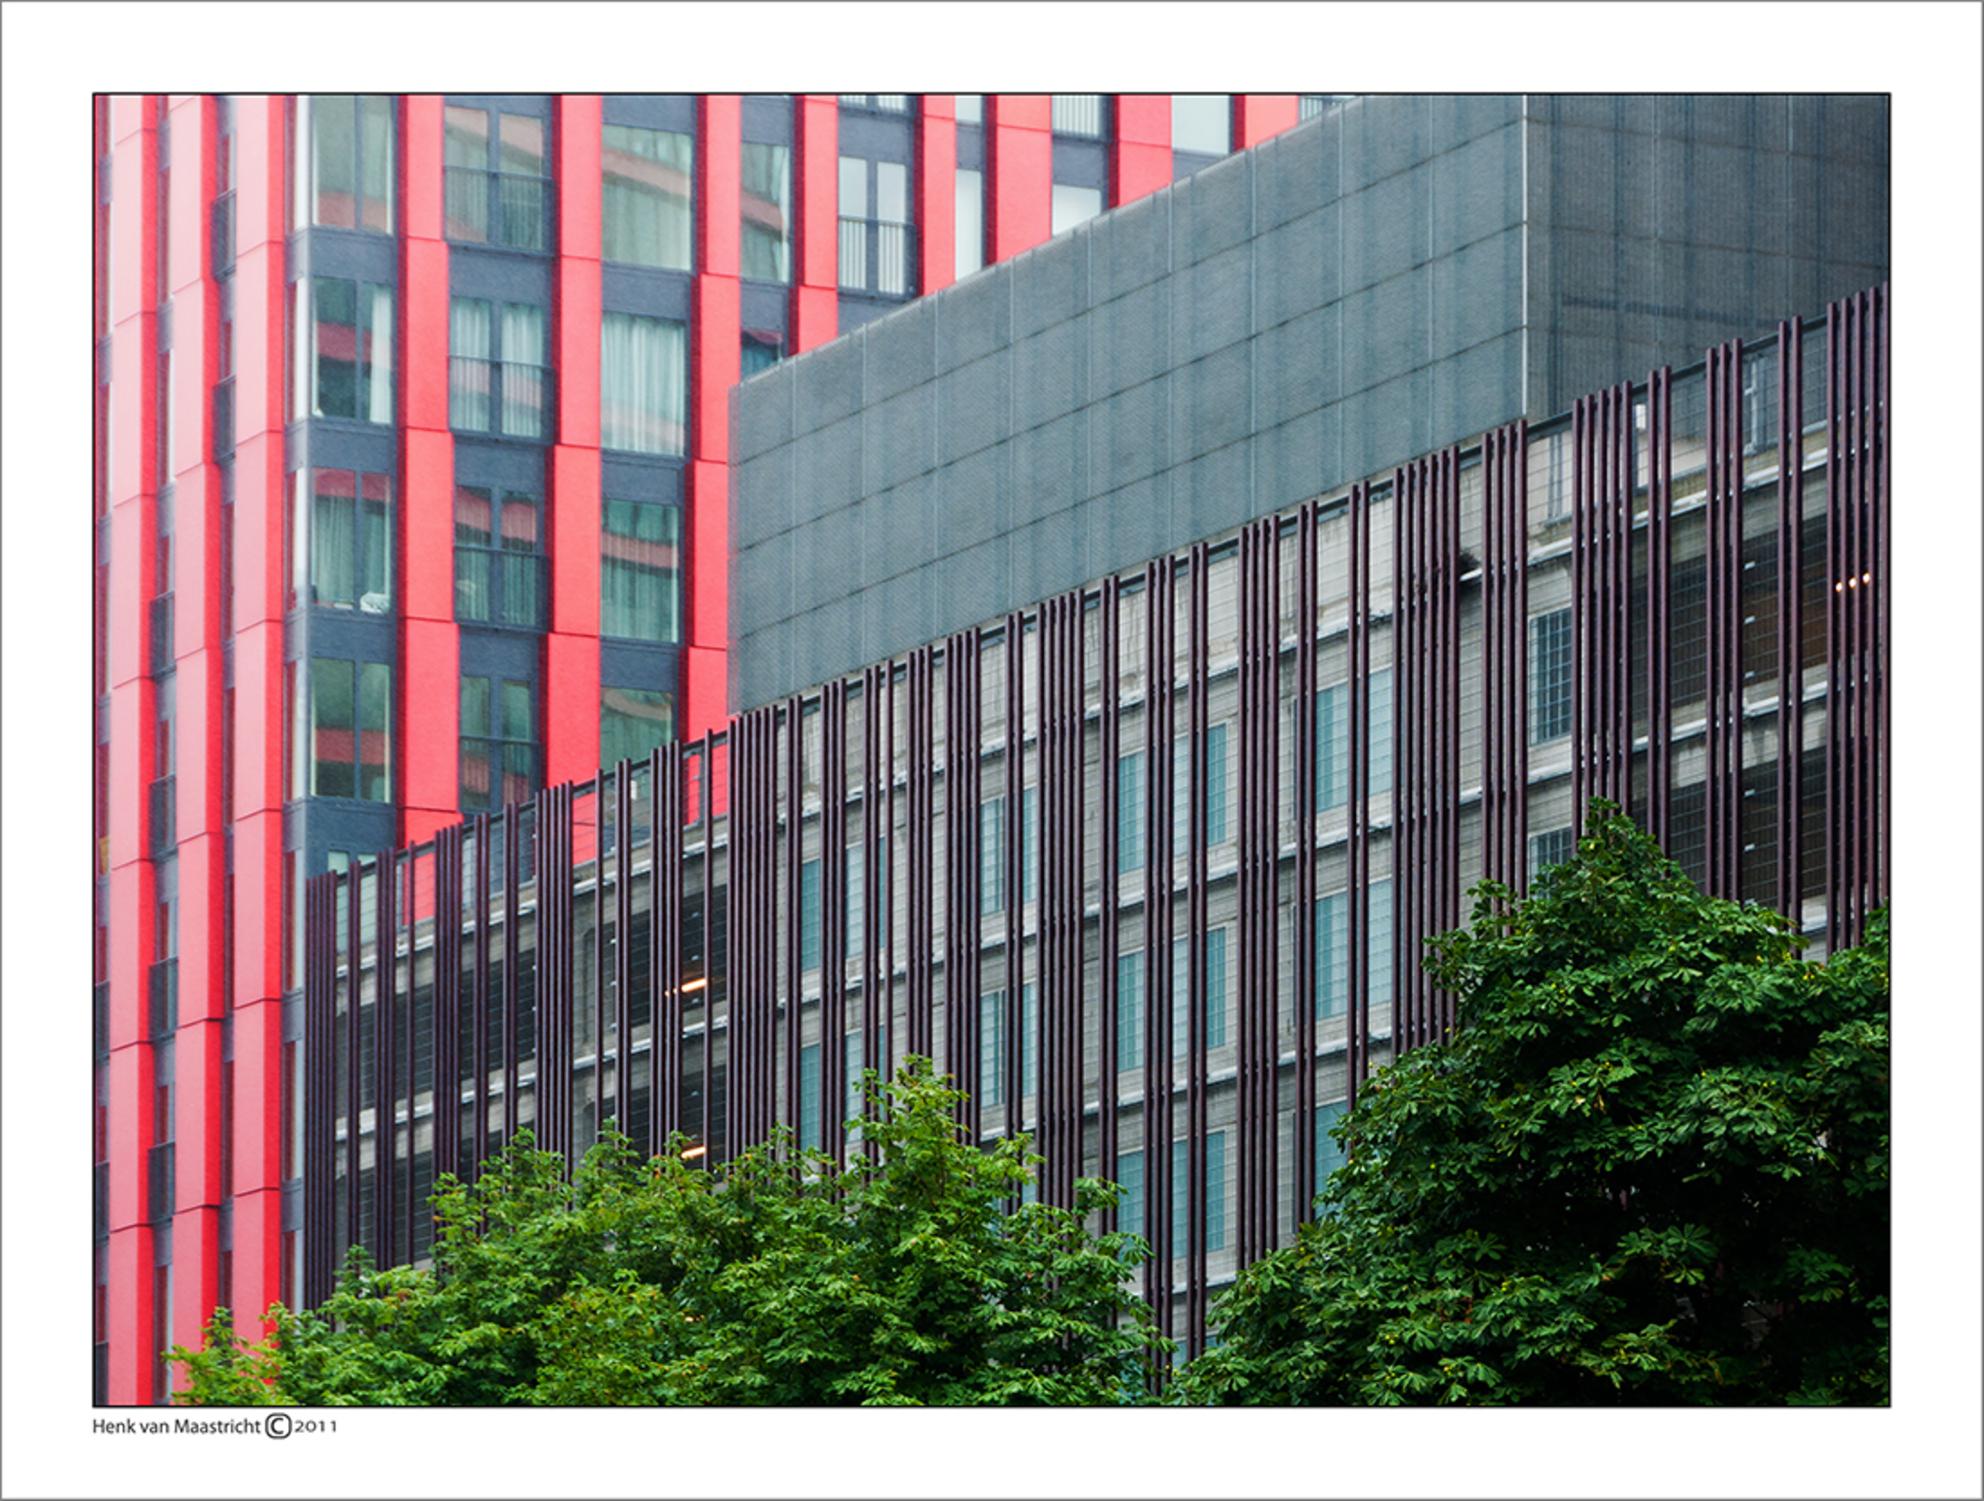 Rotterdam-10 - Je neemt een rode appel en wat blaadjes groen en het fleurt gelijk op tussen het grijs. - foto door henkvanm13 op 30-06-2011 - deze foto bevat: rotterdam, architectuur, rotjeknor, henkvanm13 - Deze foto mag gebruikt worden in een Zoom.nl publicatie